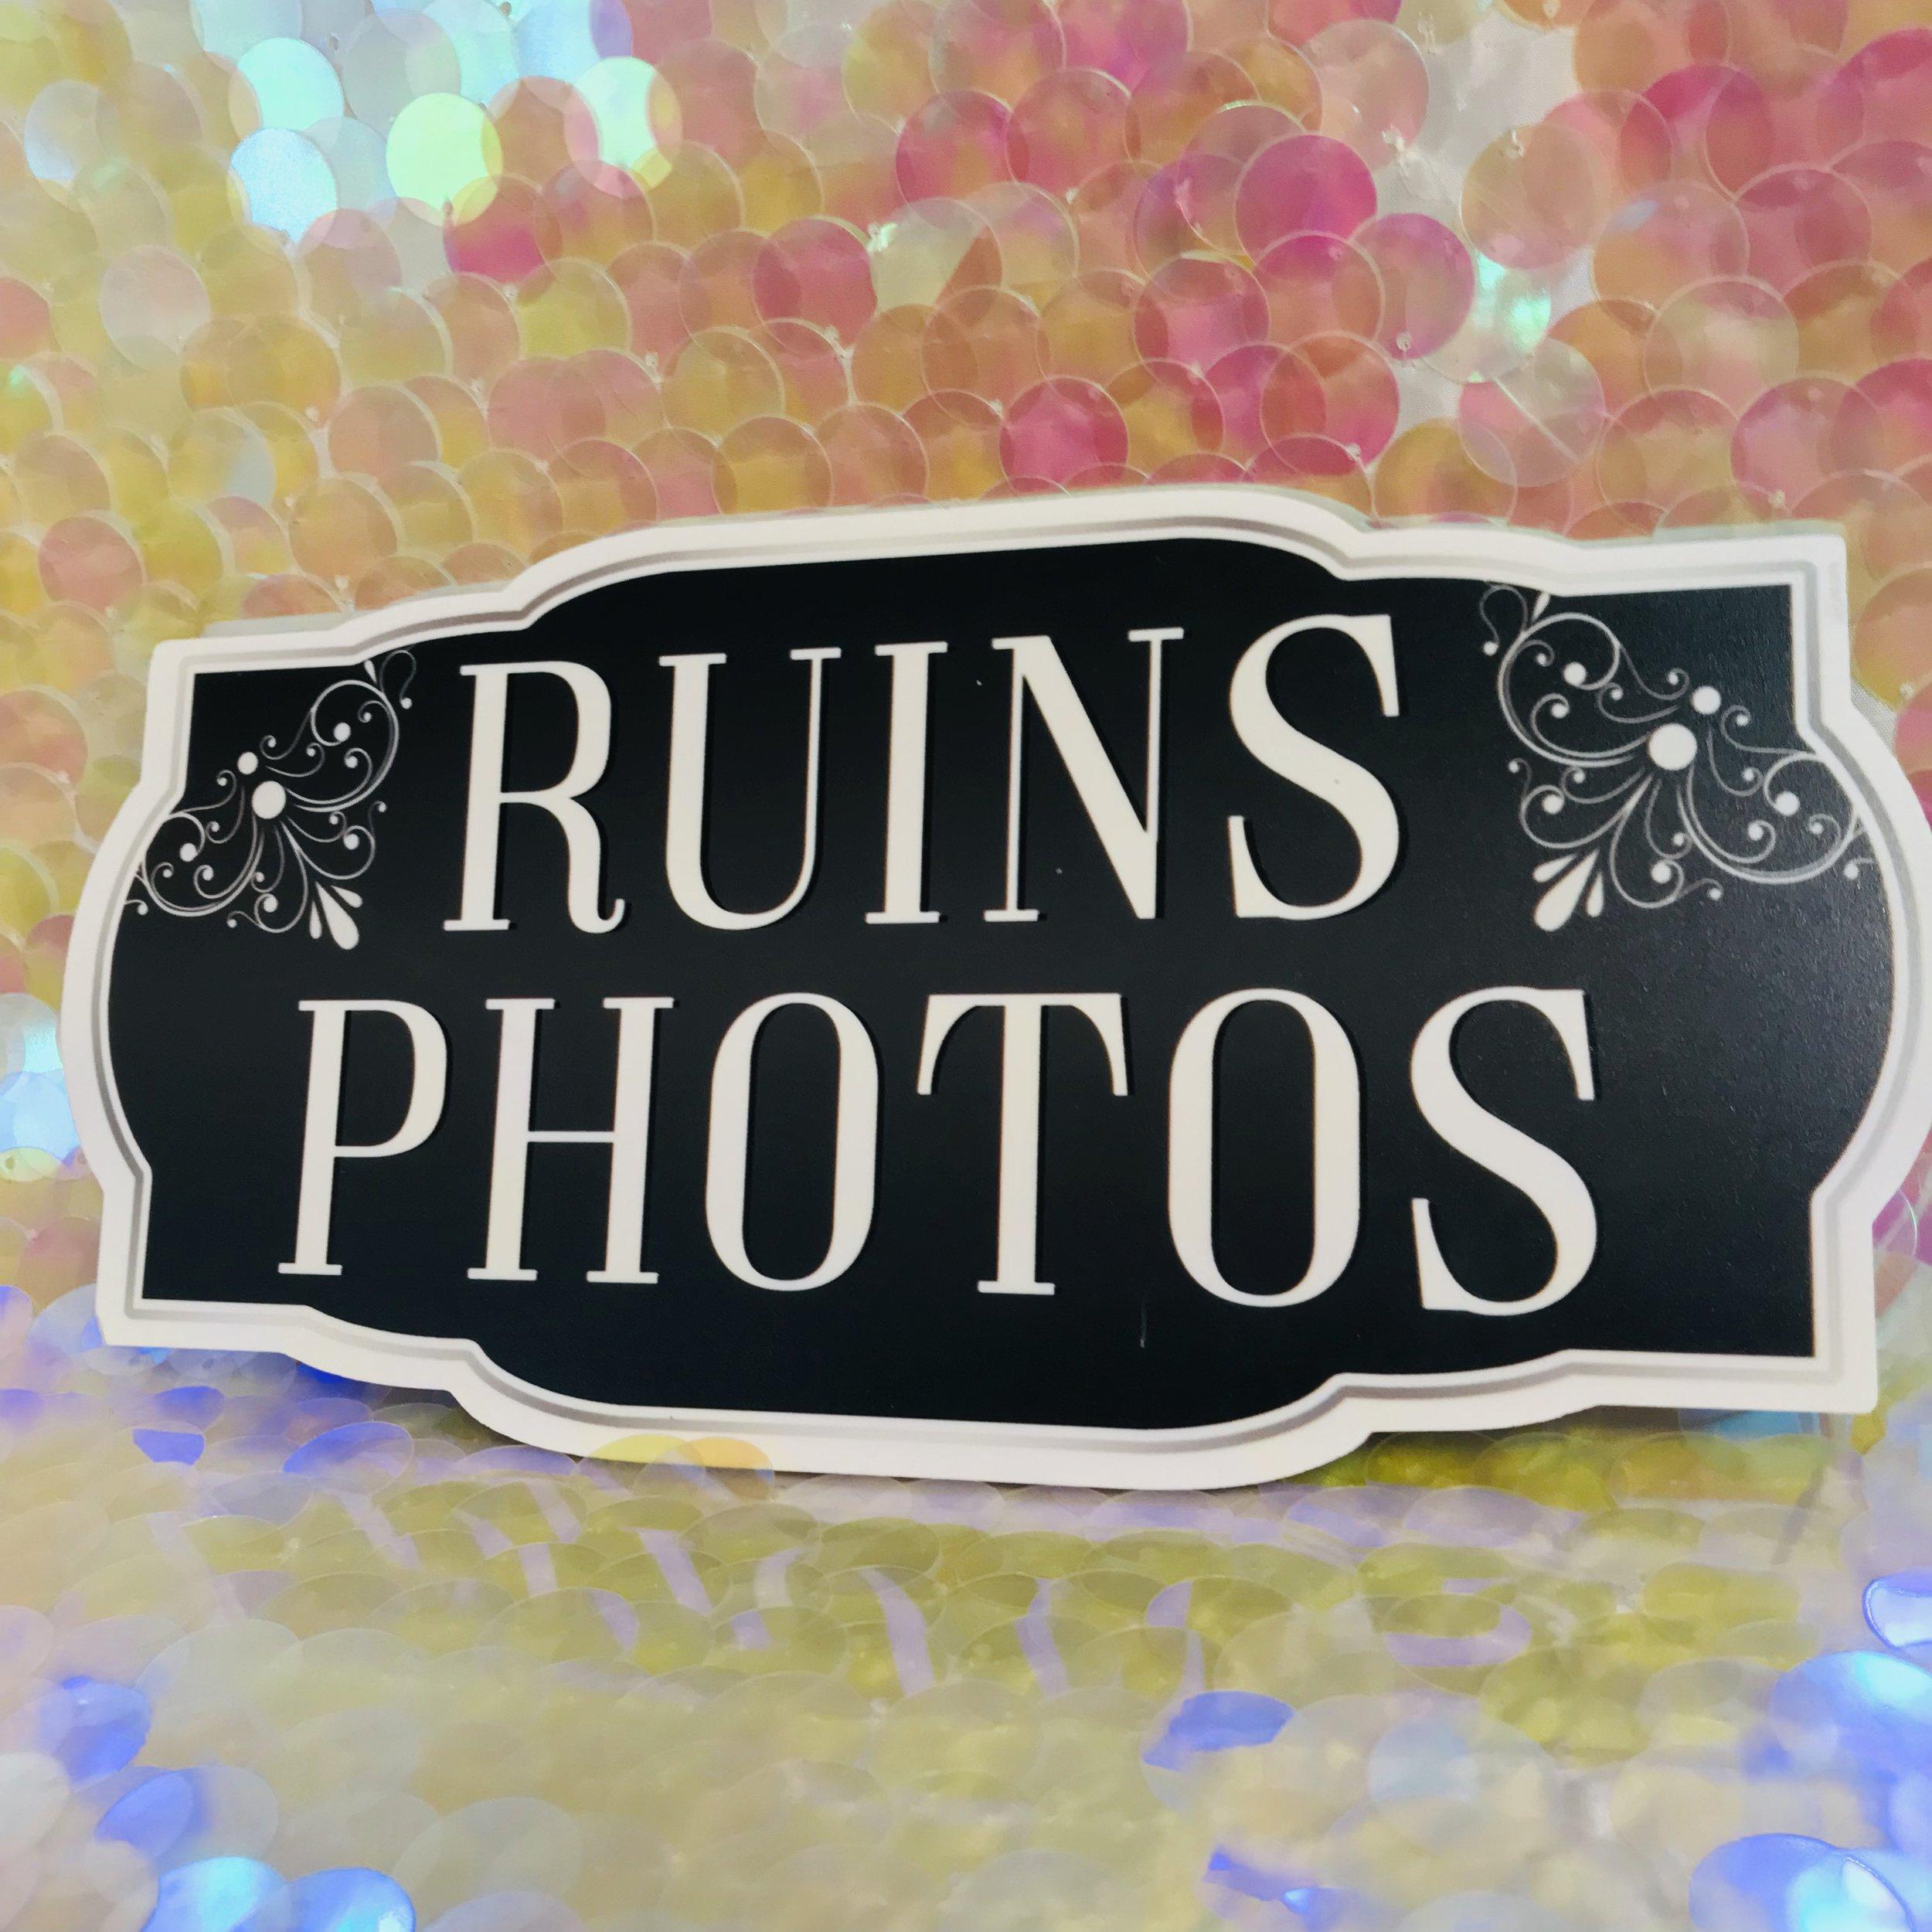 Ruins Photos.jpg